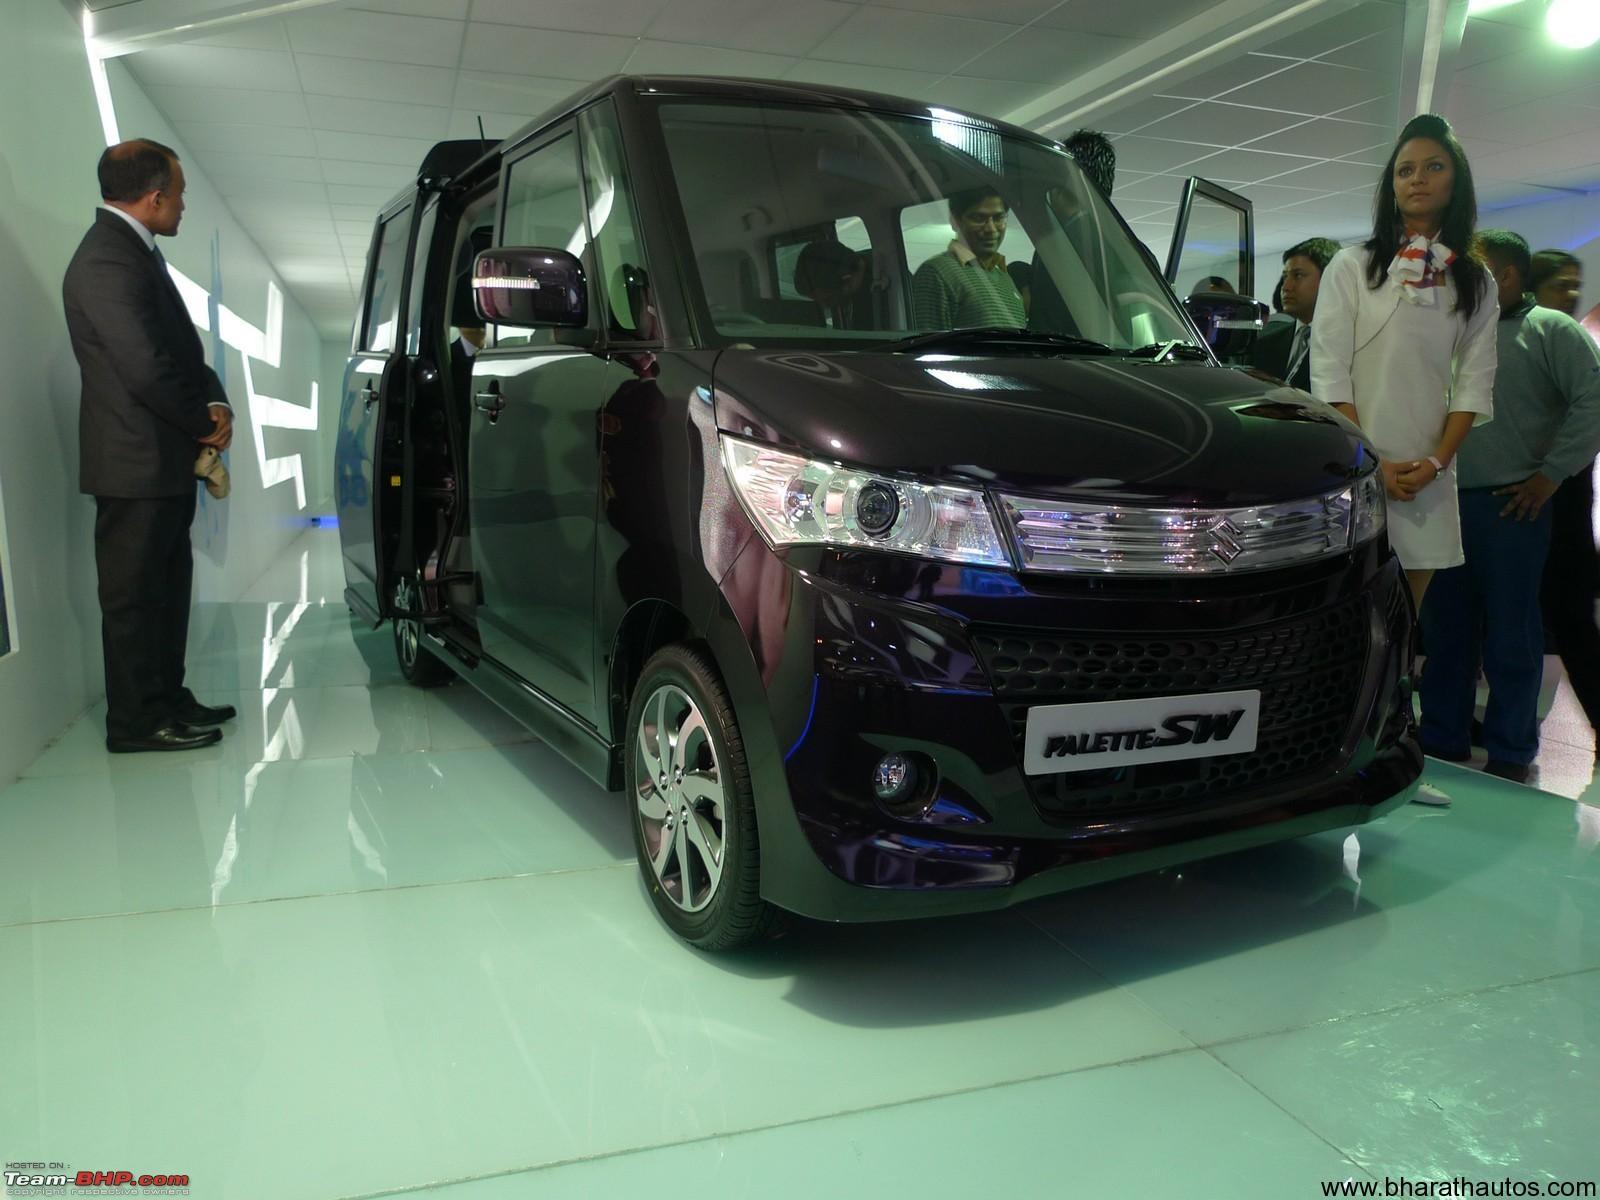 2012 Auto Expo Maruti Suzuki Showcases 660cc Cars Palette Sw